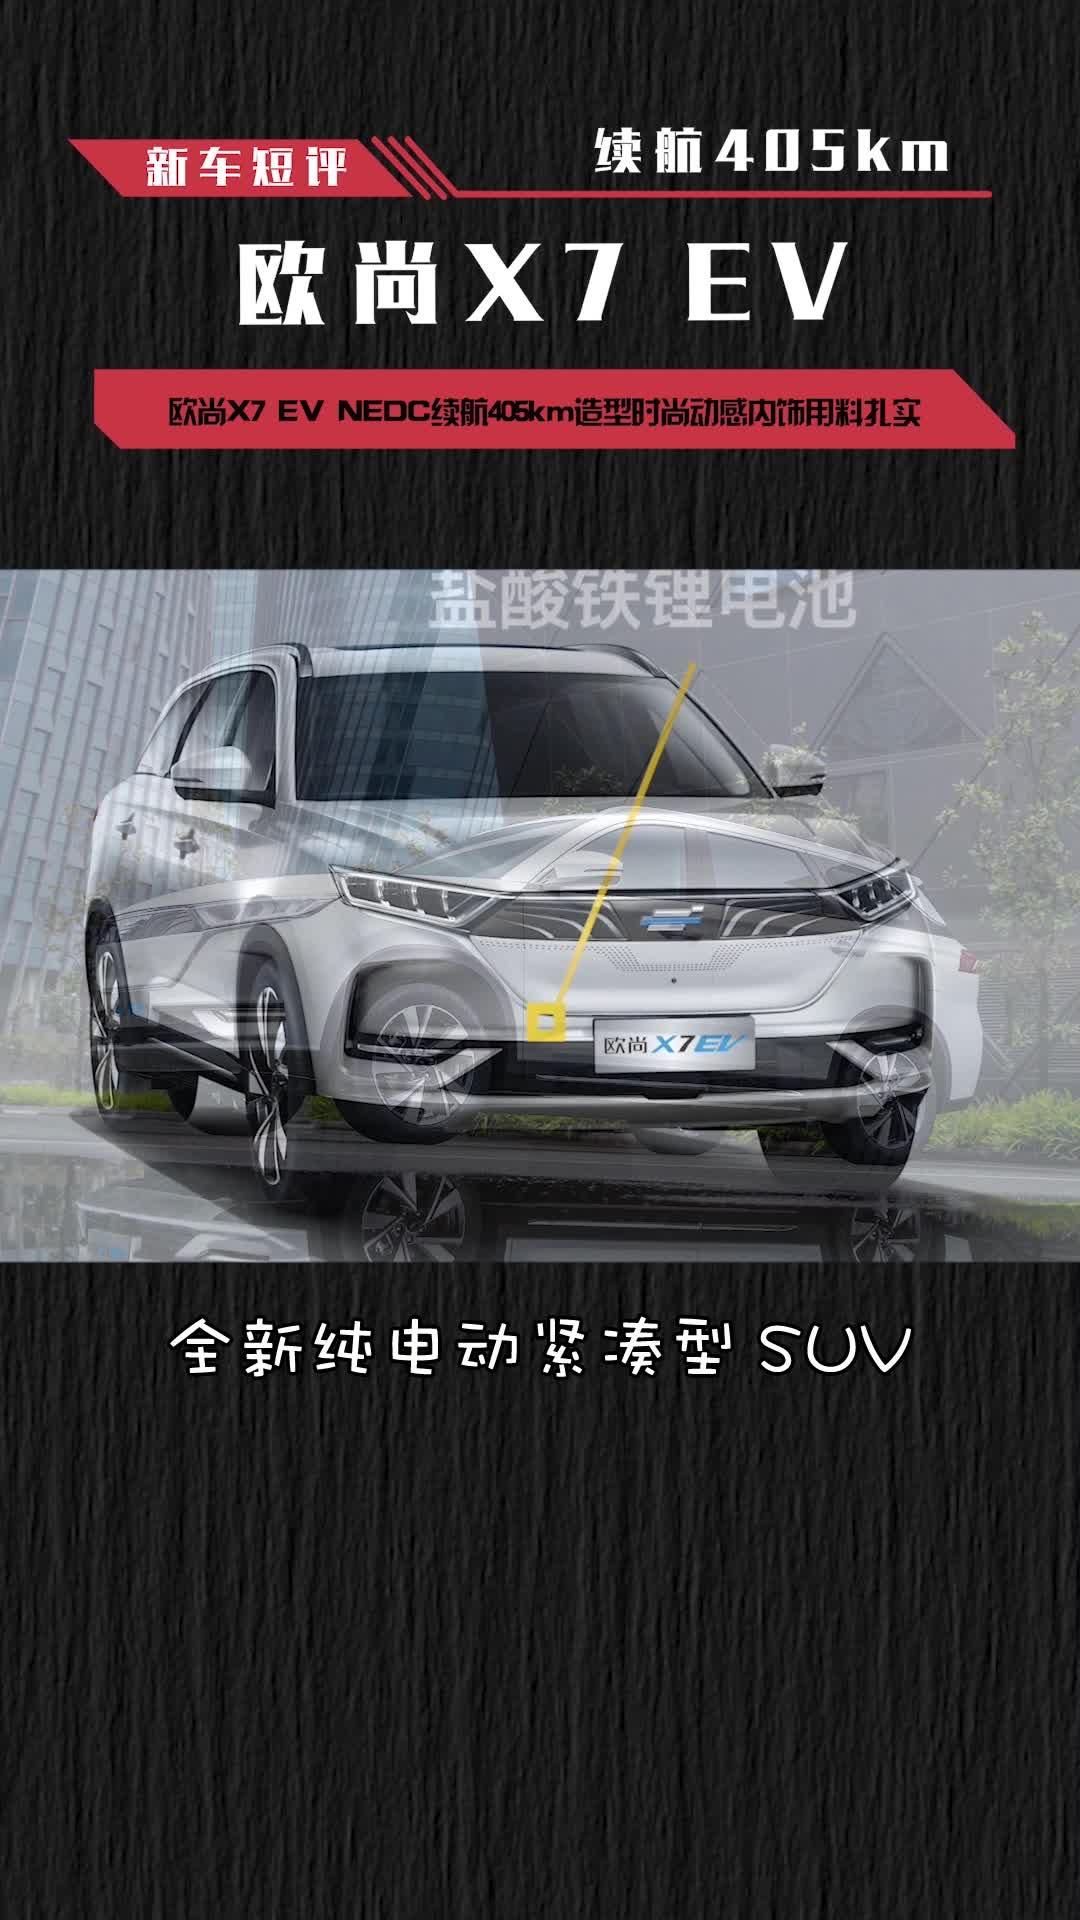 视频:长安欧尚X7 EV,续航405km